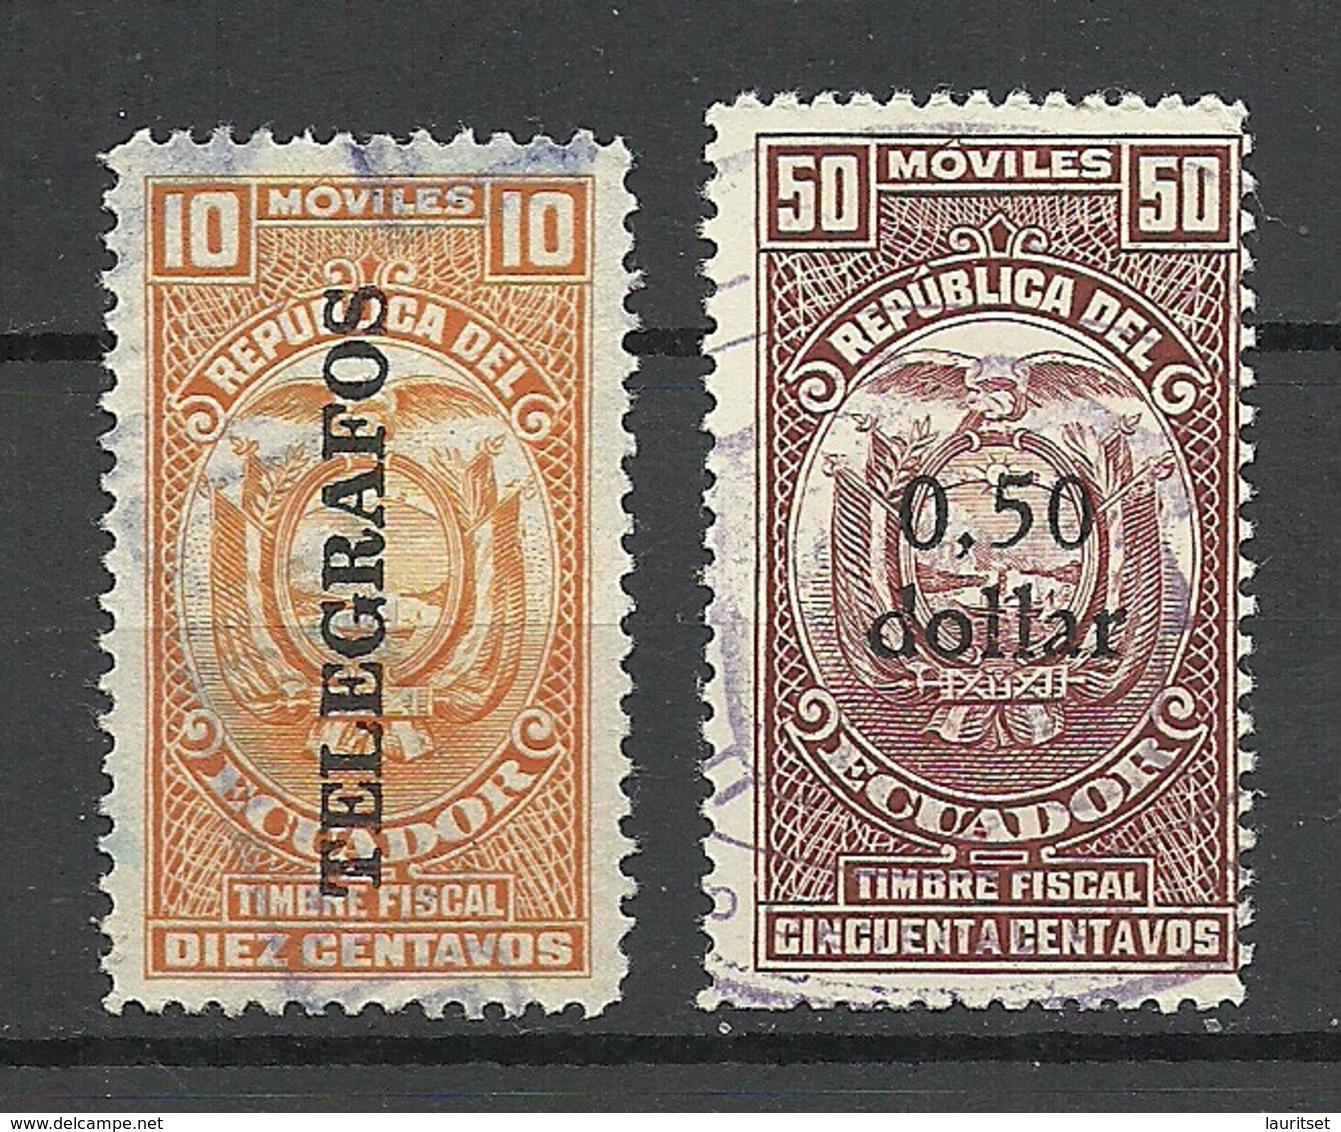 ECUADOR 2 Old Revenue Tax Stamps Timbre Fiscal & Telegrafos O - Ecuador